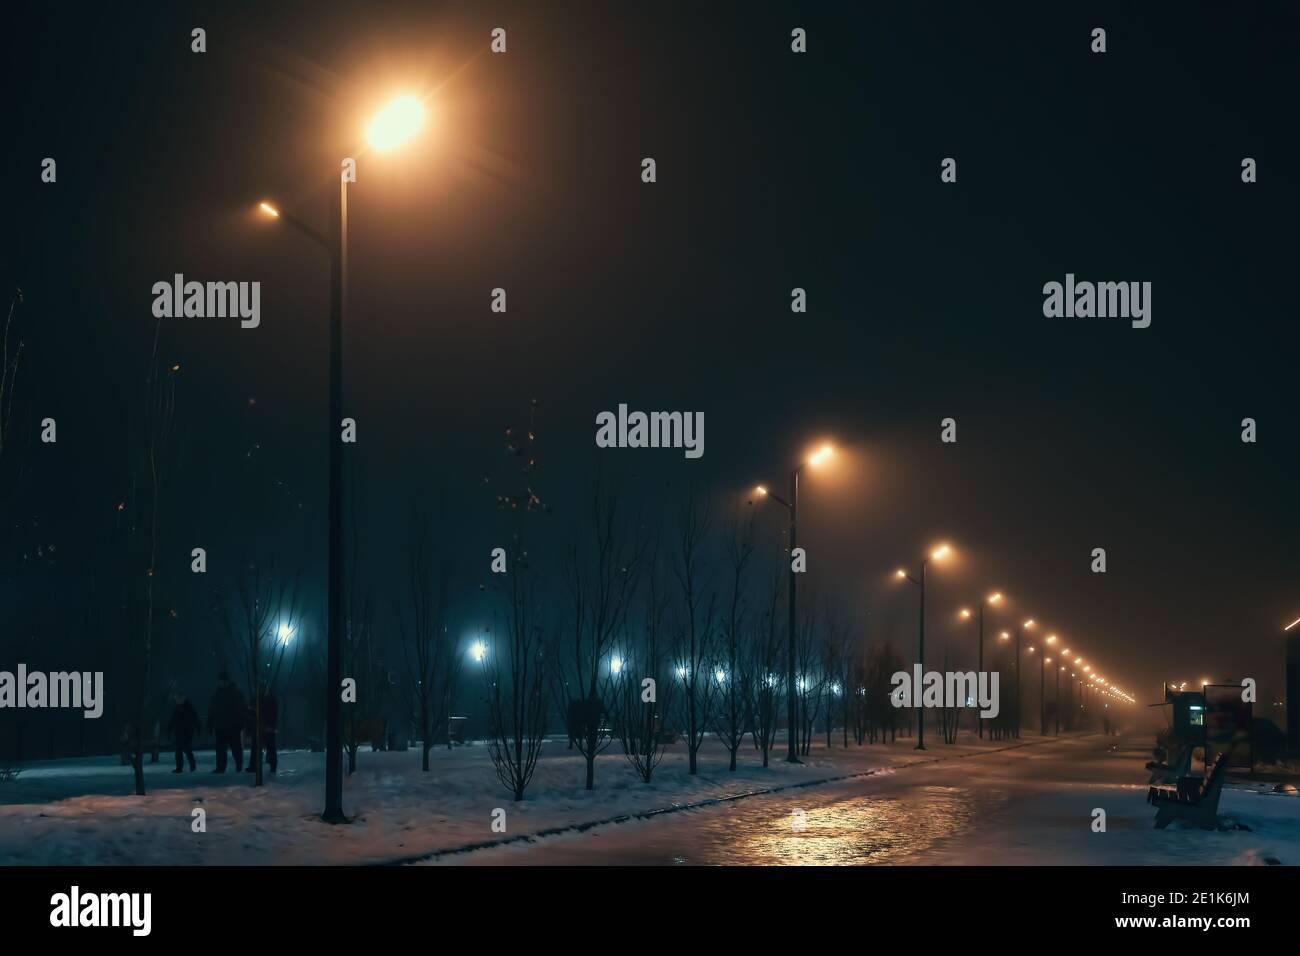 Callejón urbano en la noche de invierno foggy iluminado por las lámparas de la calle. Foto de stock